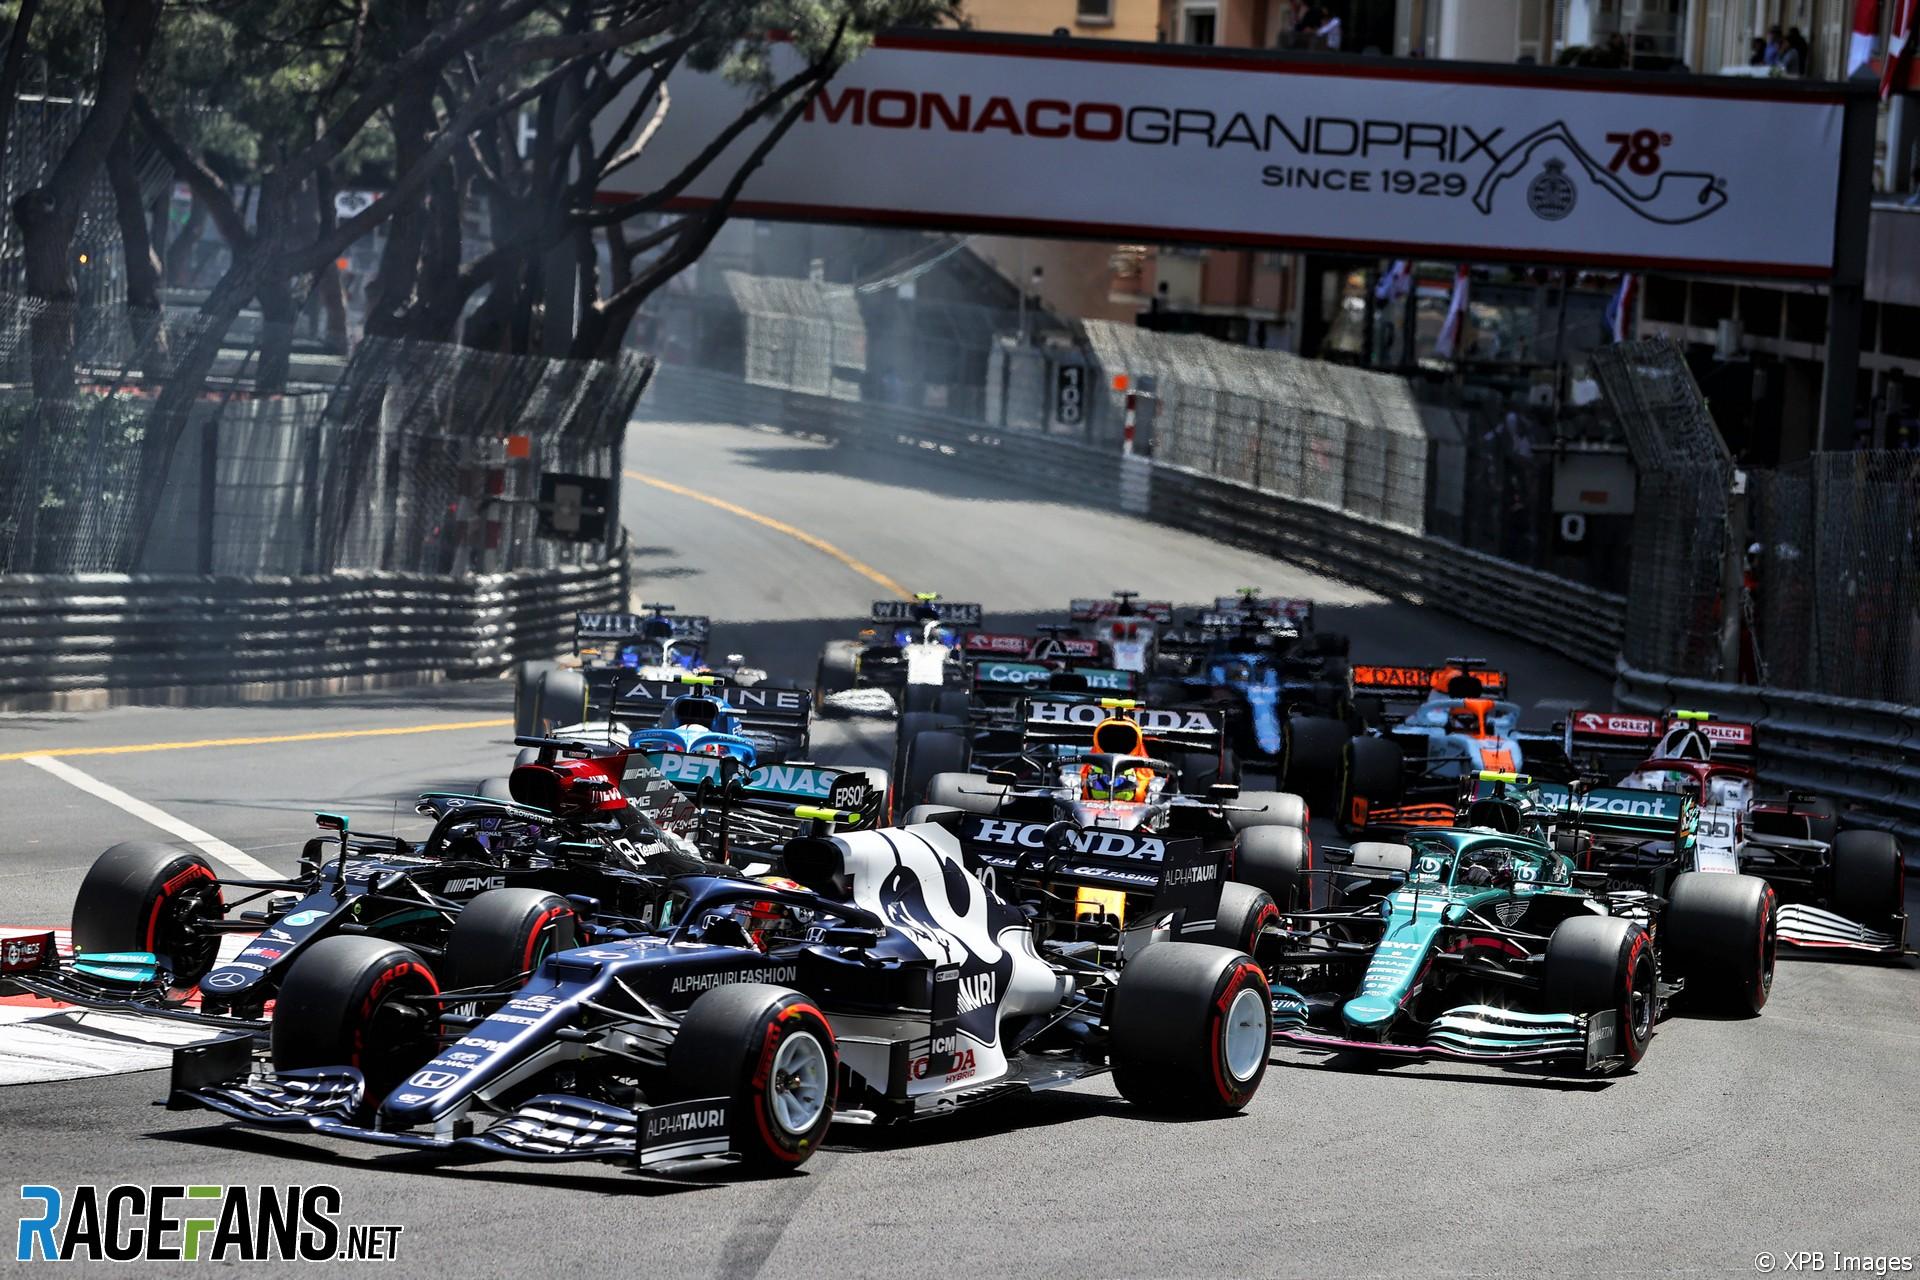 Pierre Gasly, AlphaTauri, Monaco, 2021